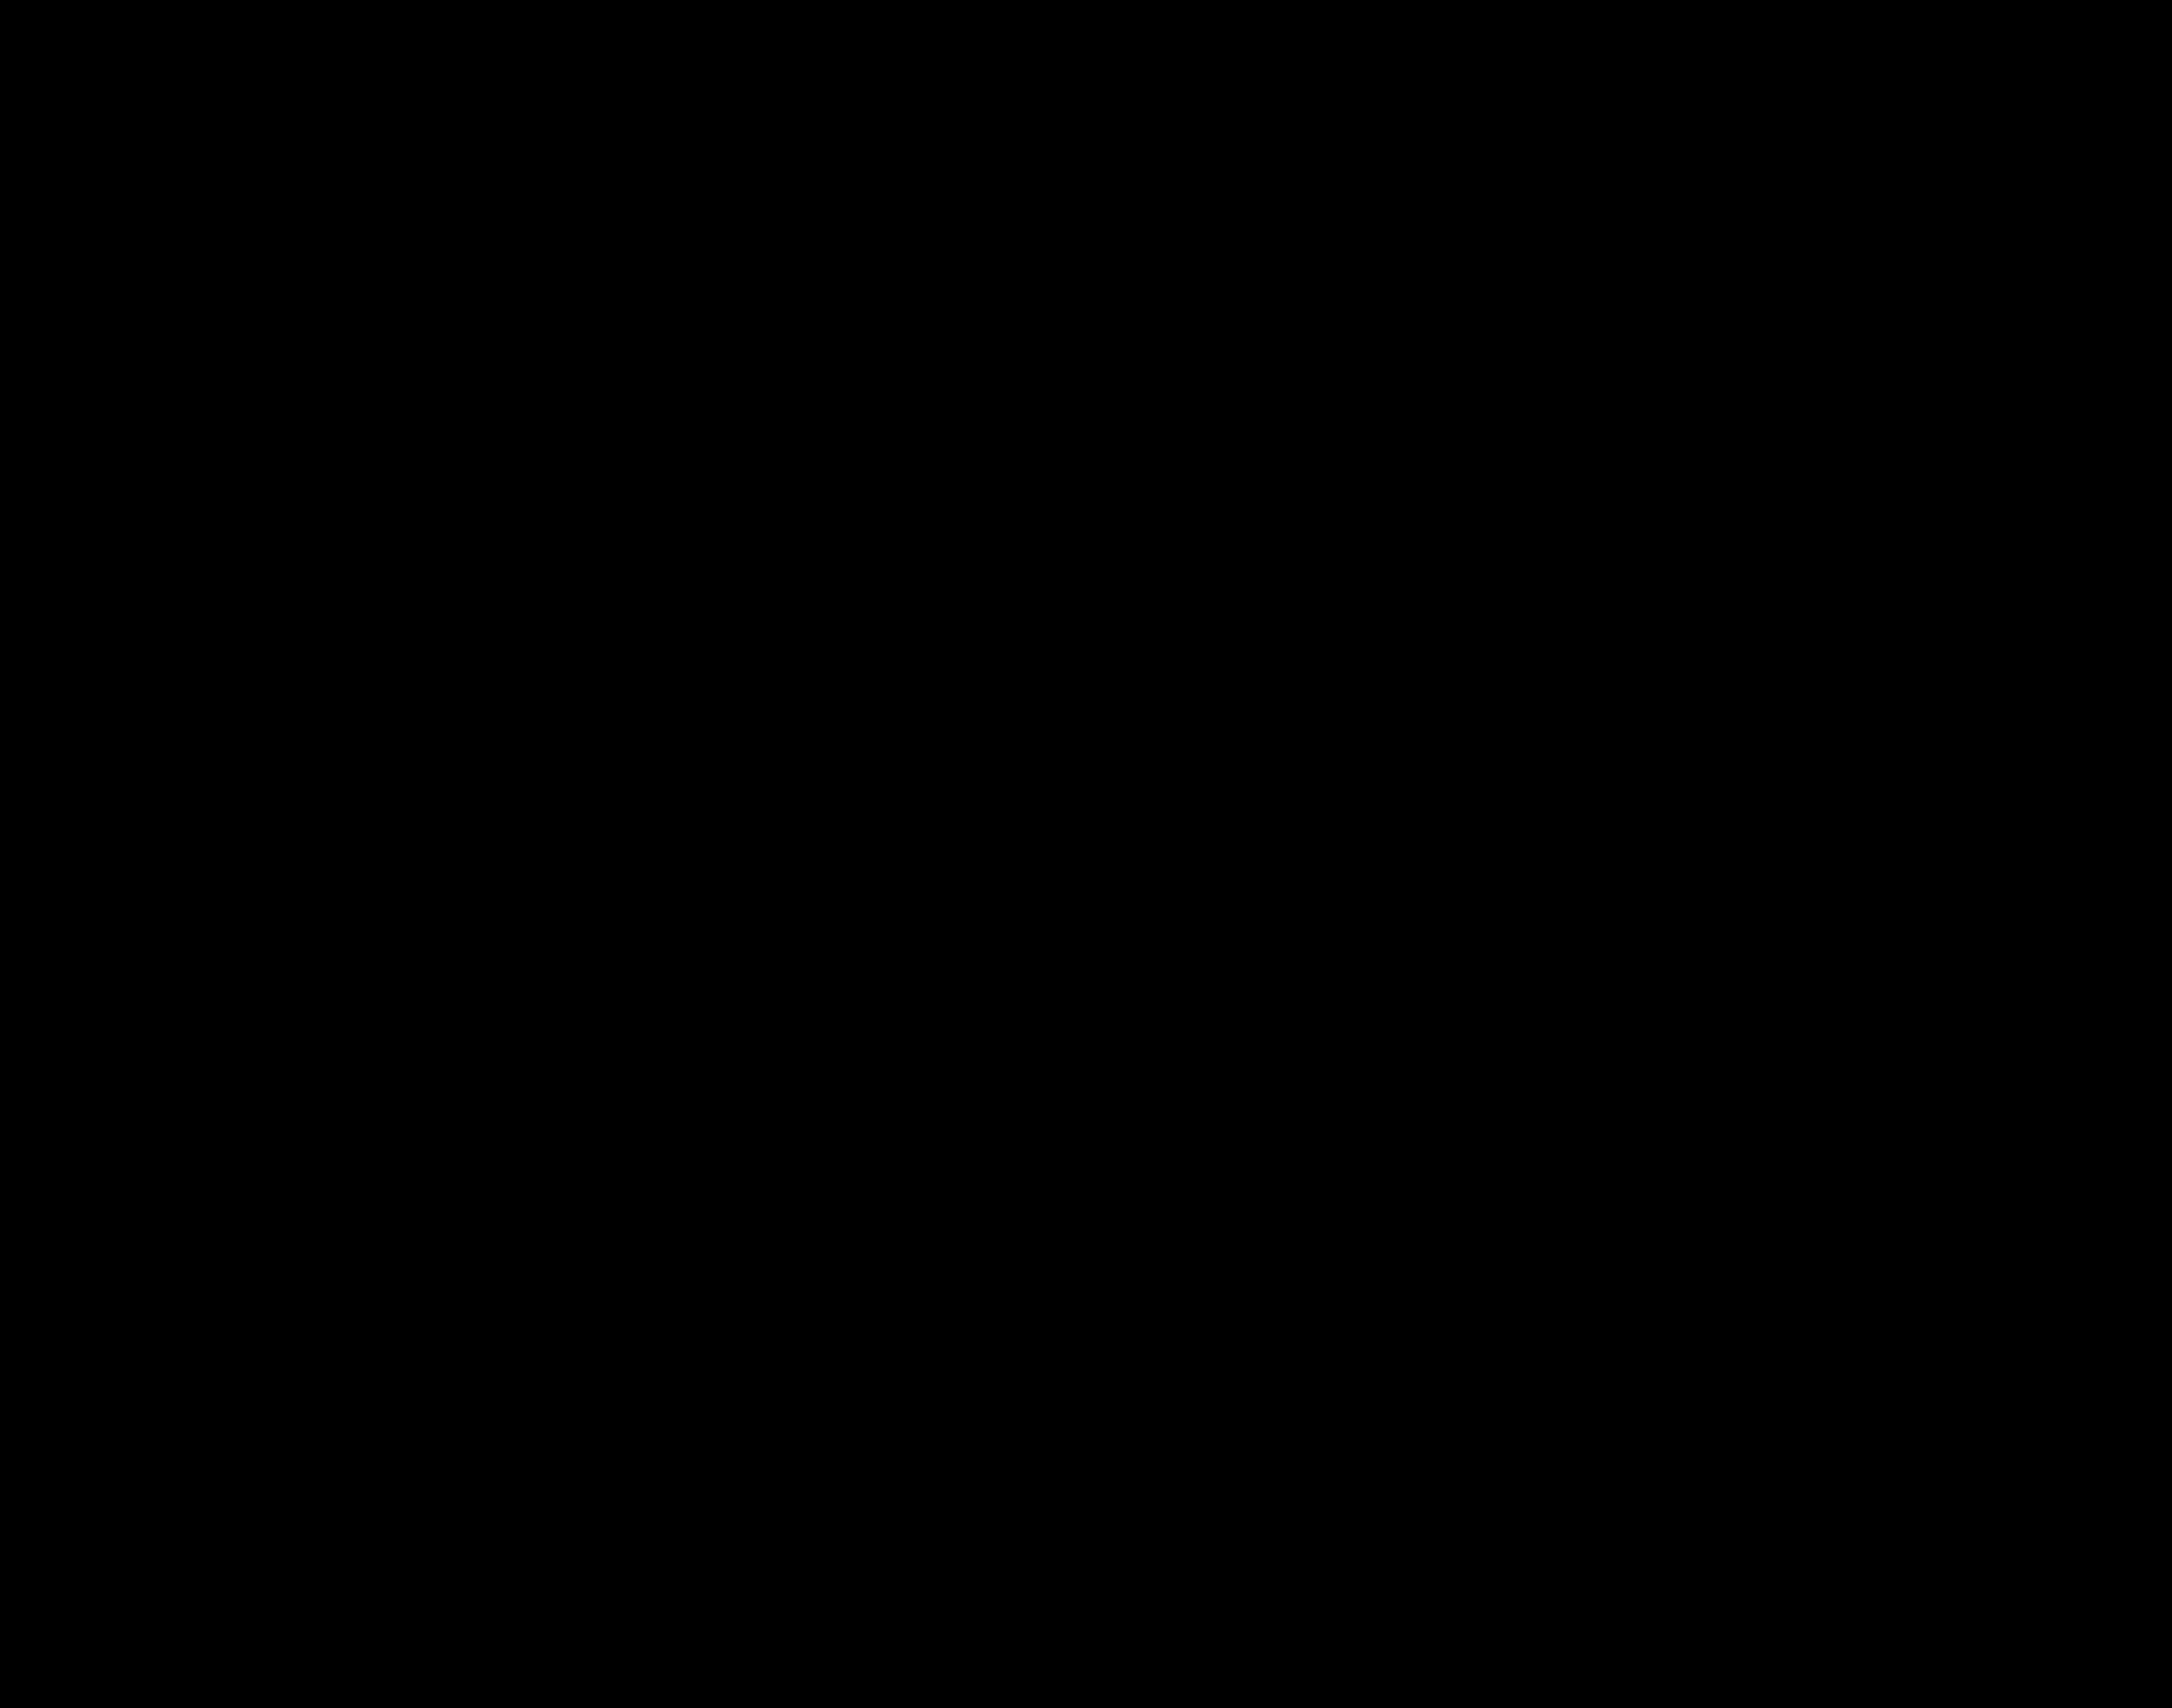 Магия Для Похудения Сайт. Магия для красоты: эффективные заговоры на похудение